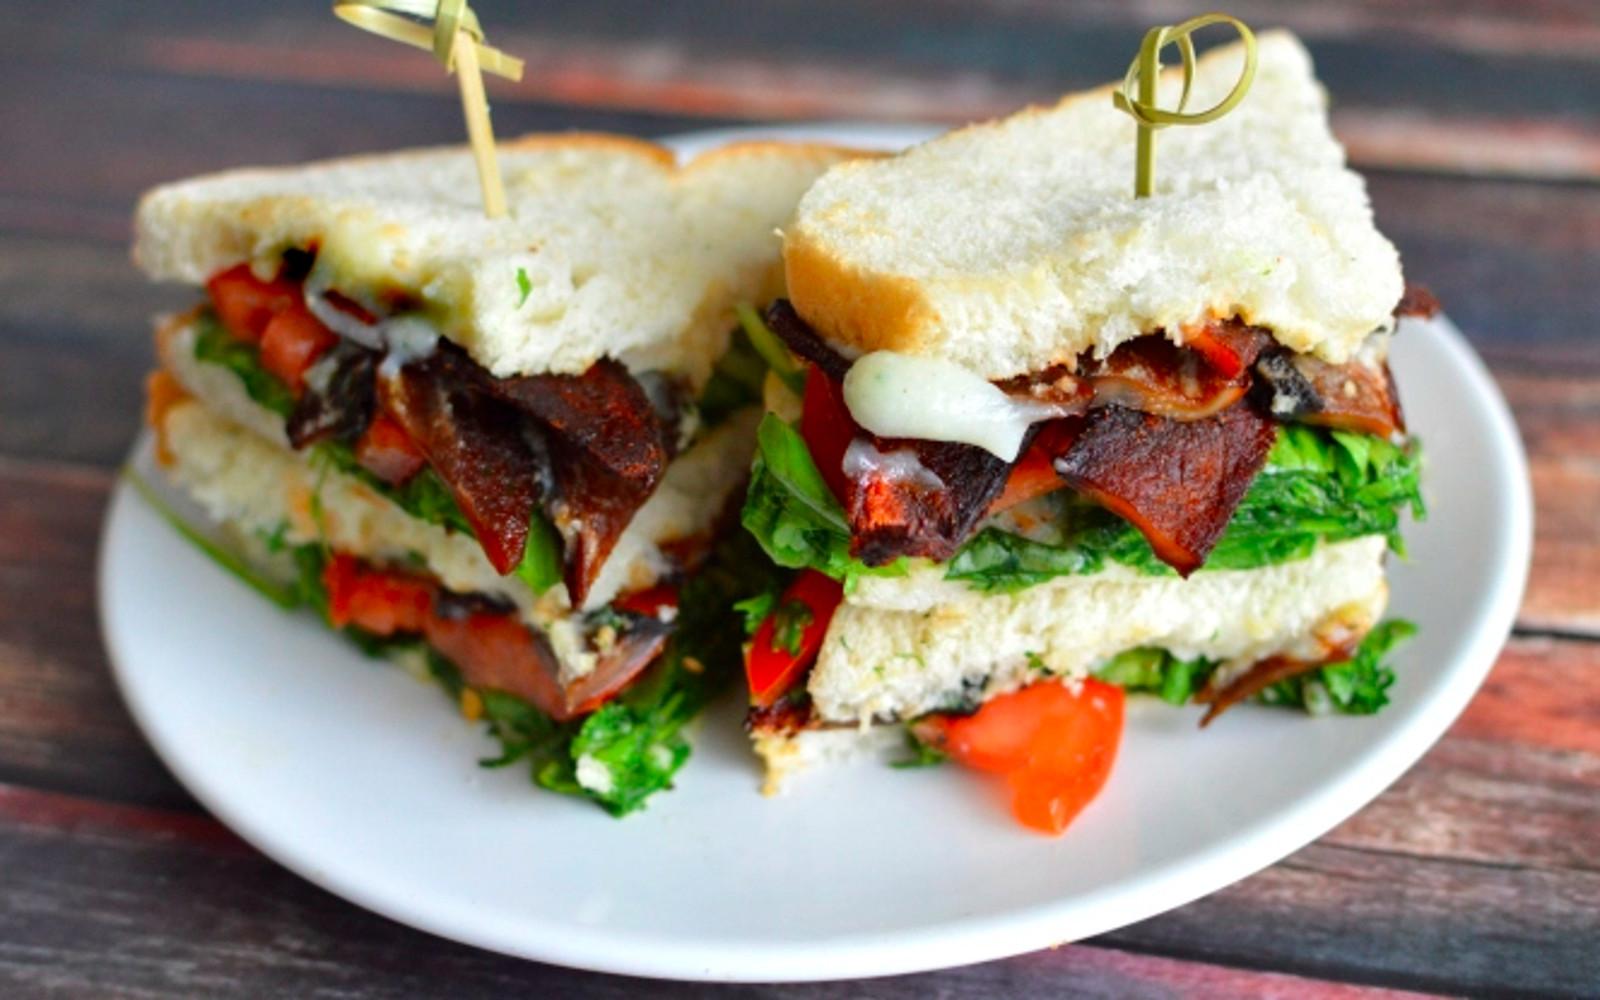 Ranch BLT With Portobello Mushroom Bacon [Vegan]